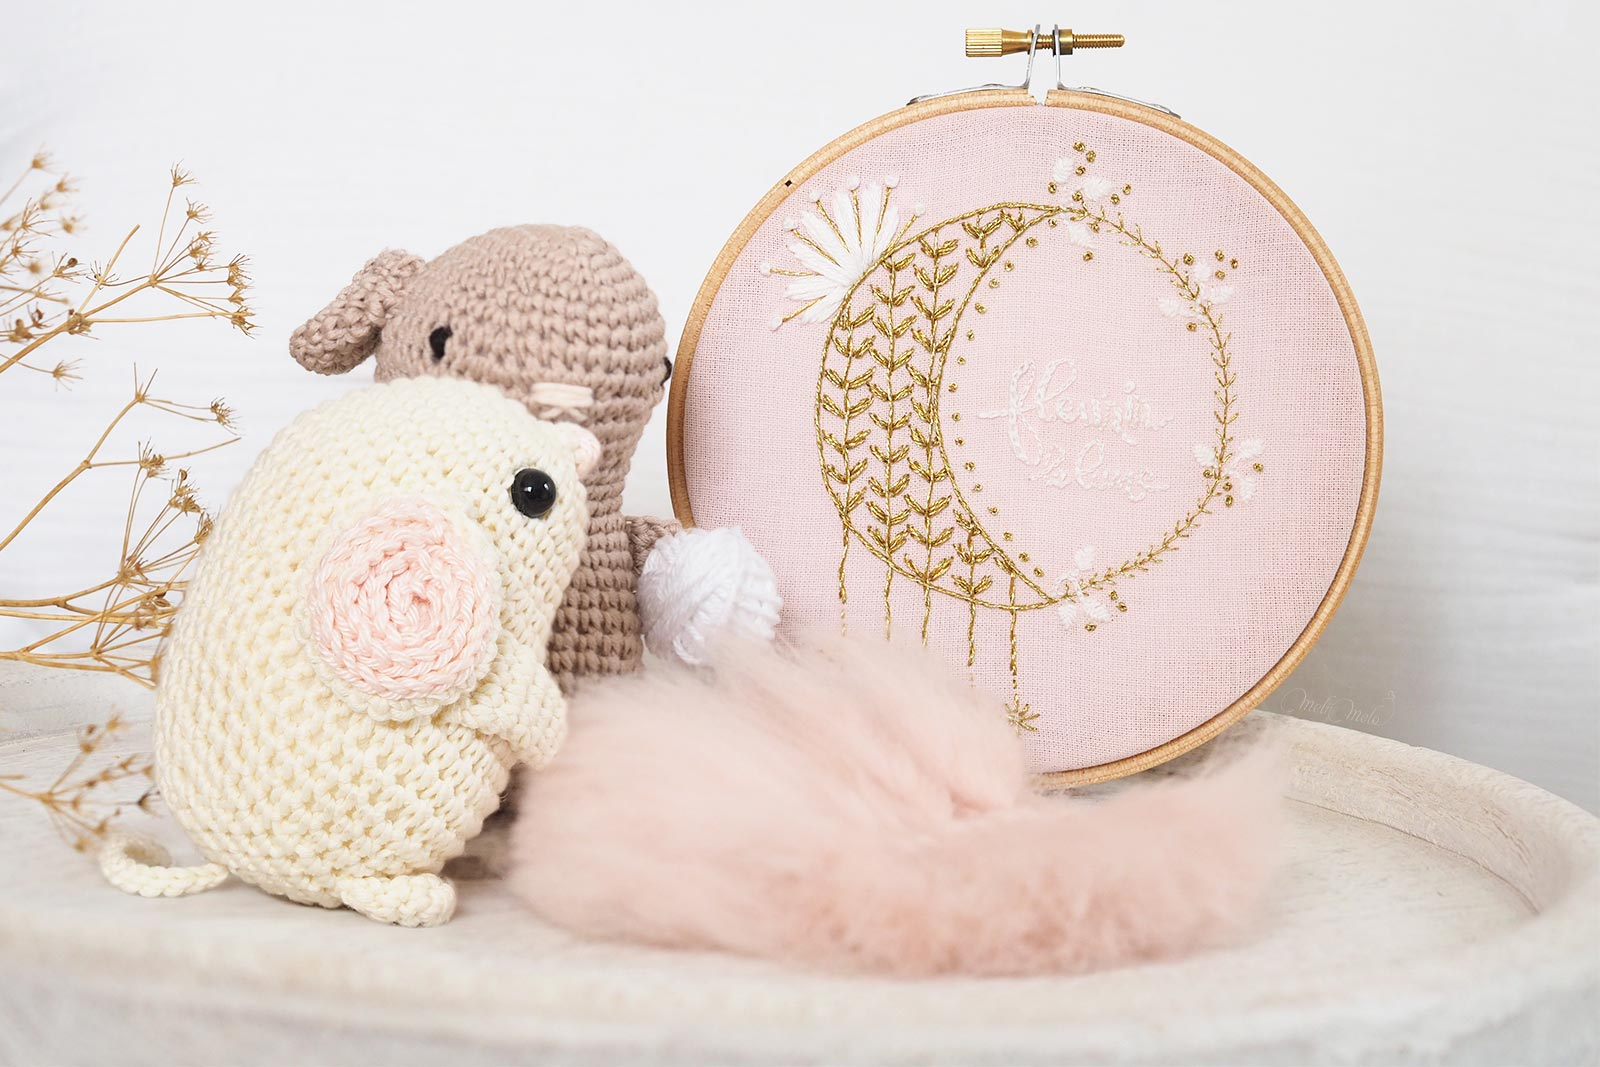 lune or portebonheur broderie crochet souris rat Boutique MeliMelo